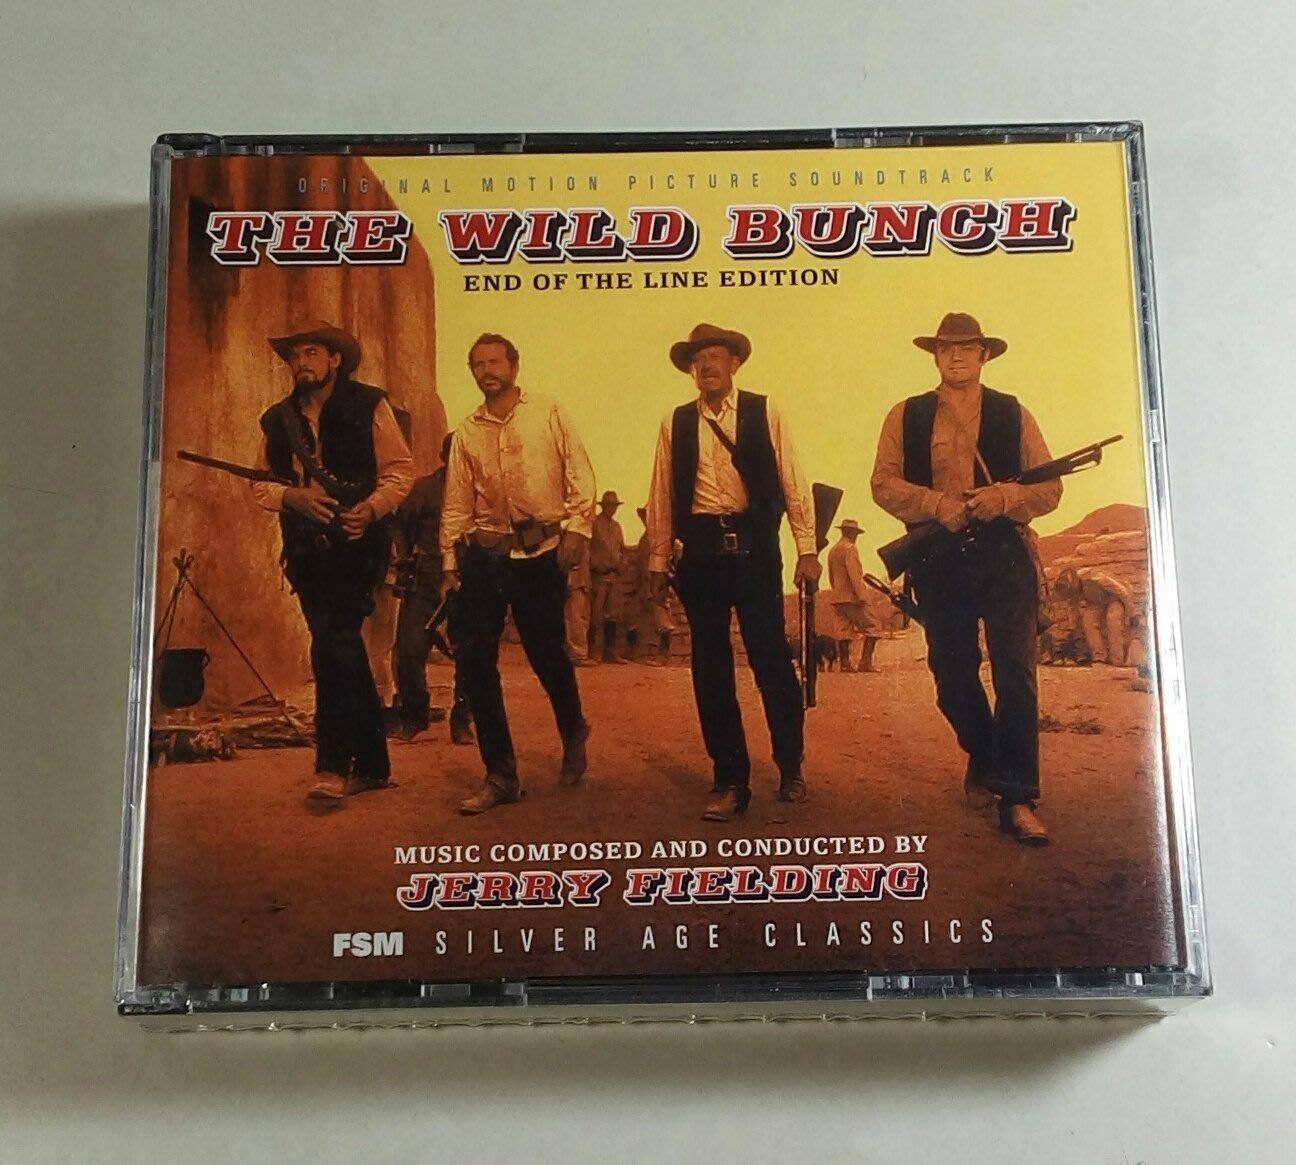 曰落黄沙 3CD完整版(The Wild Bunch)- Jerry Fielding,全新美版